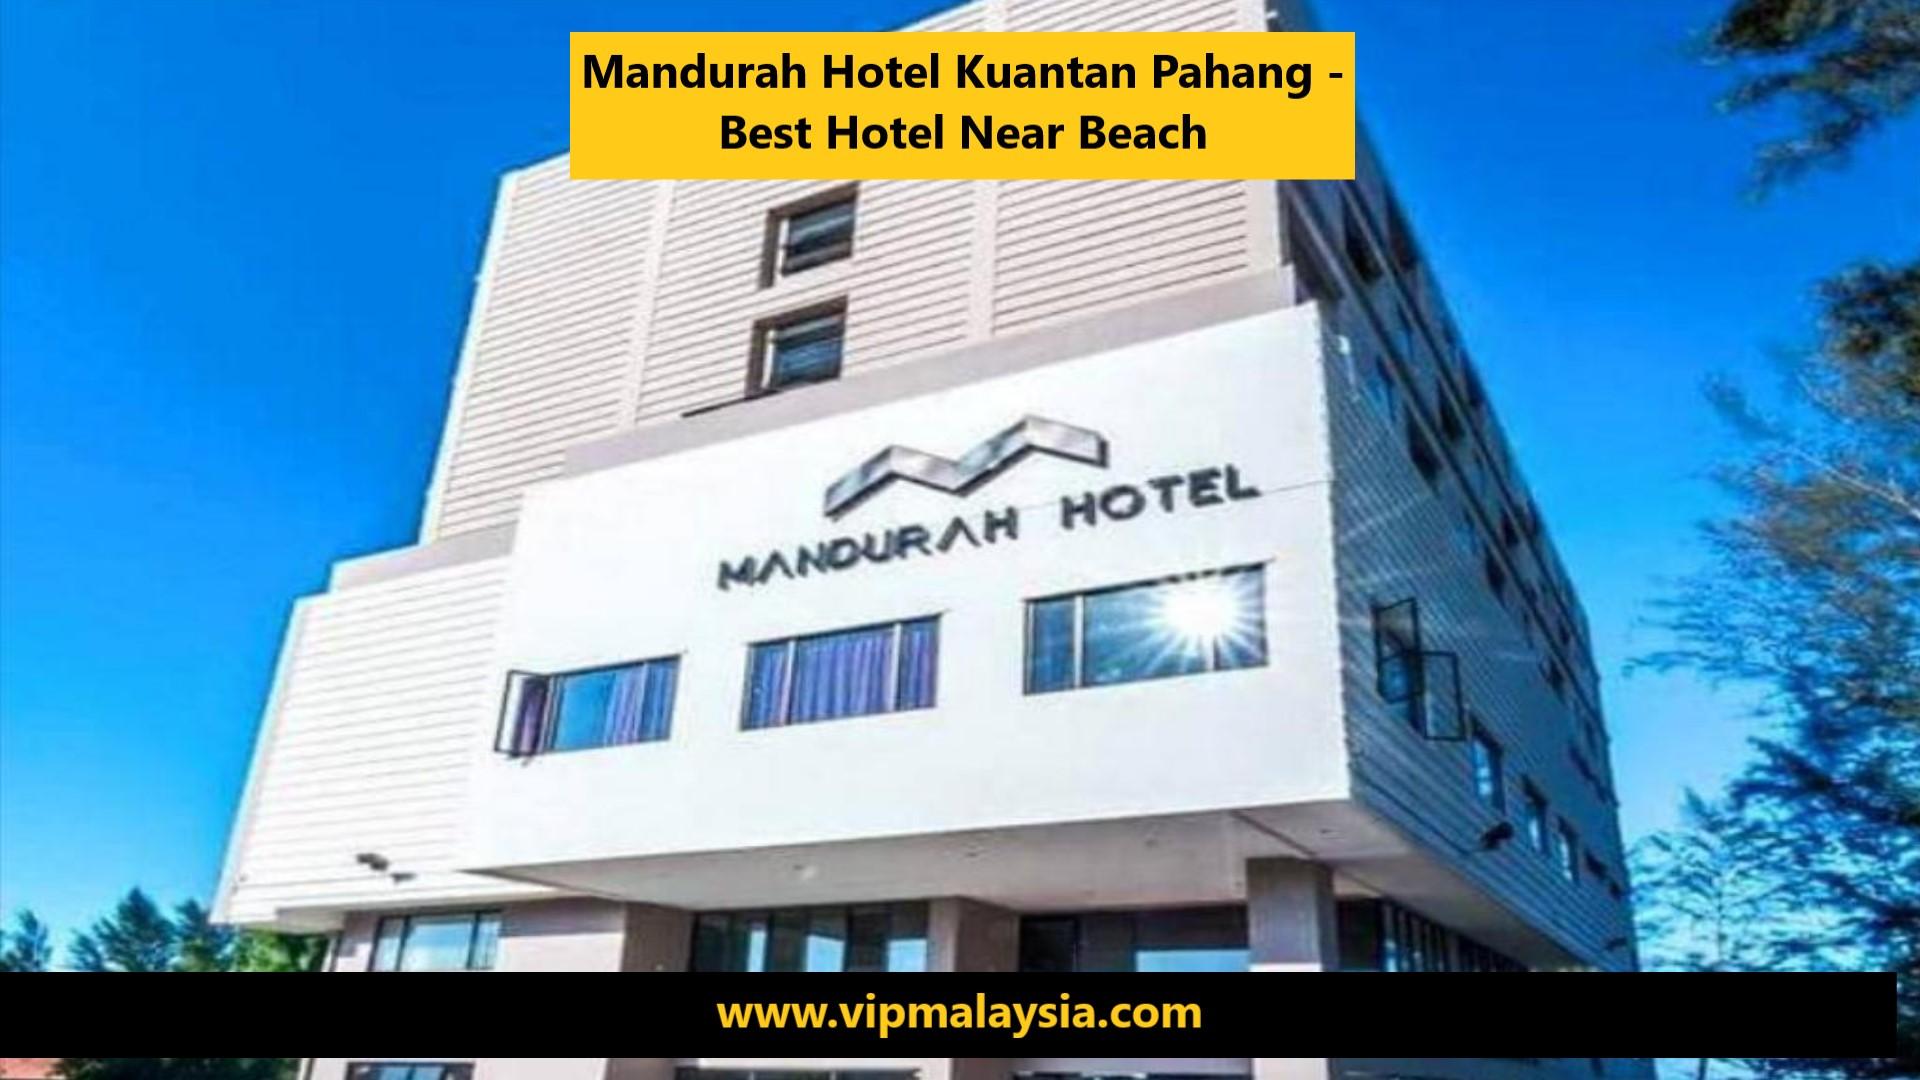 Mandurah Hotel Near Beach Kuantan Pahang